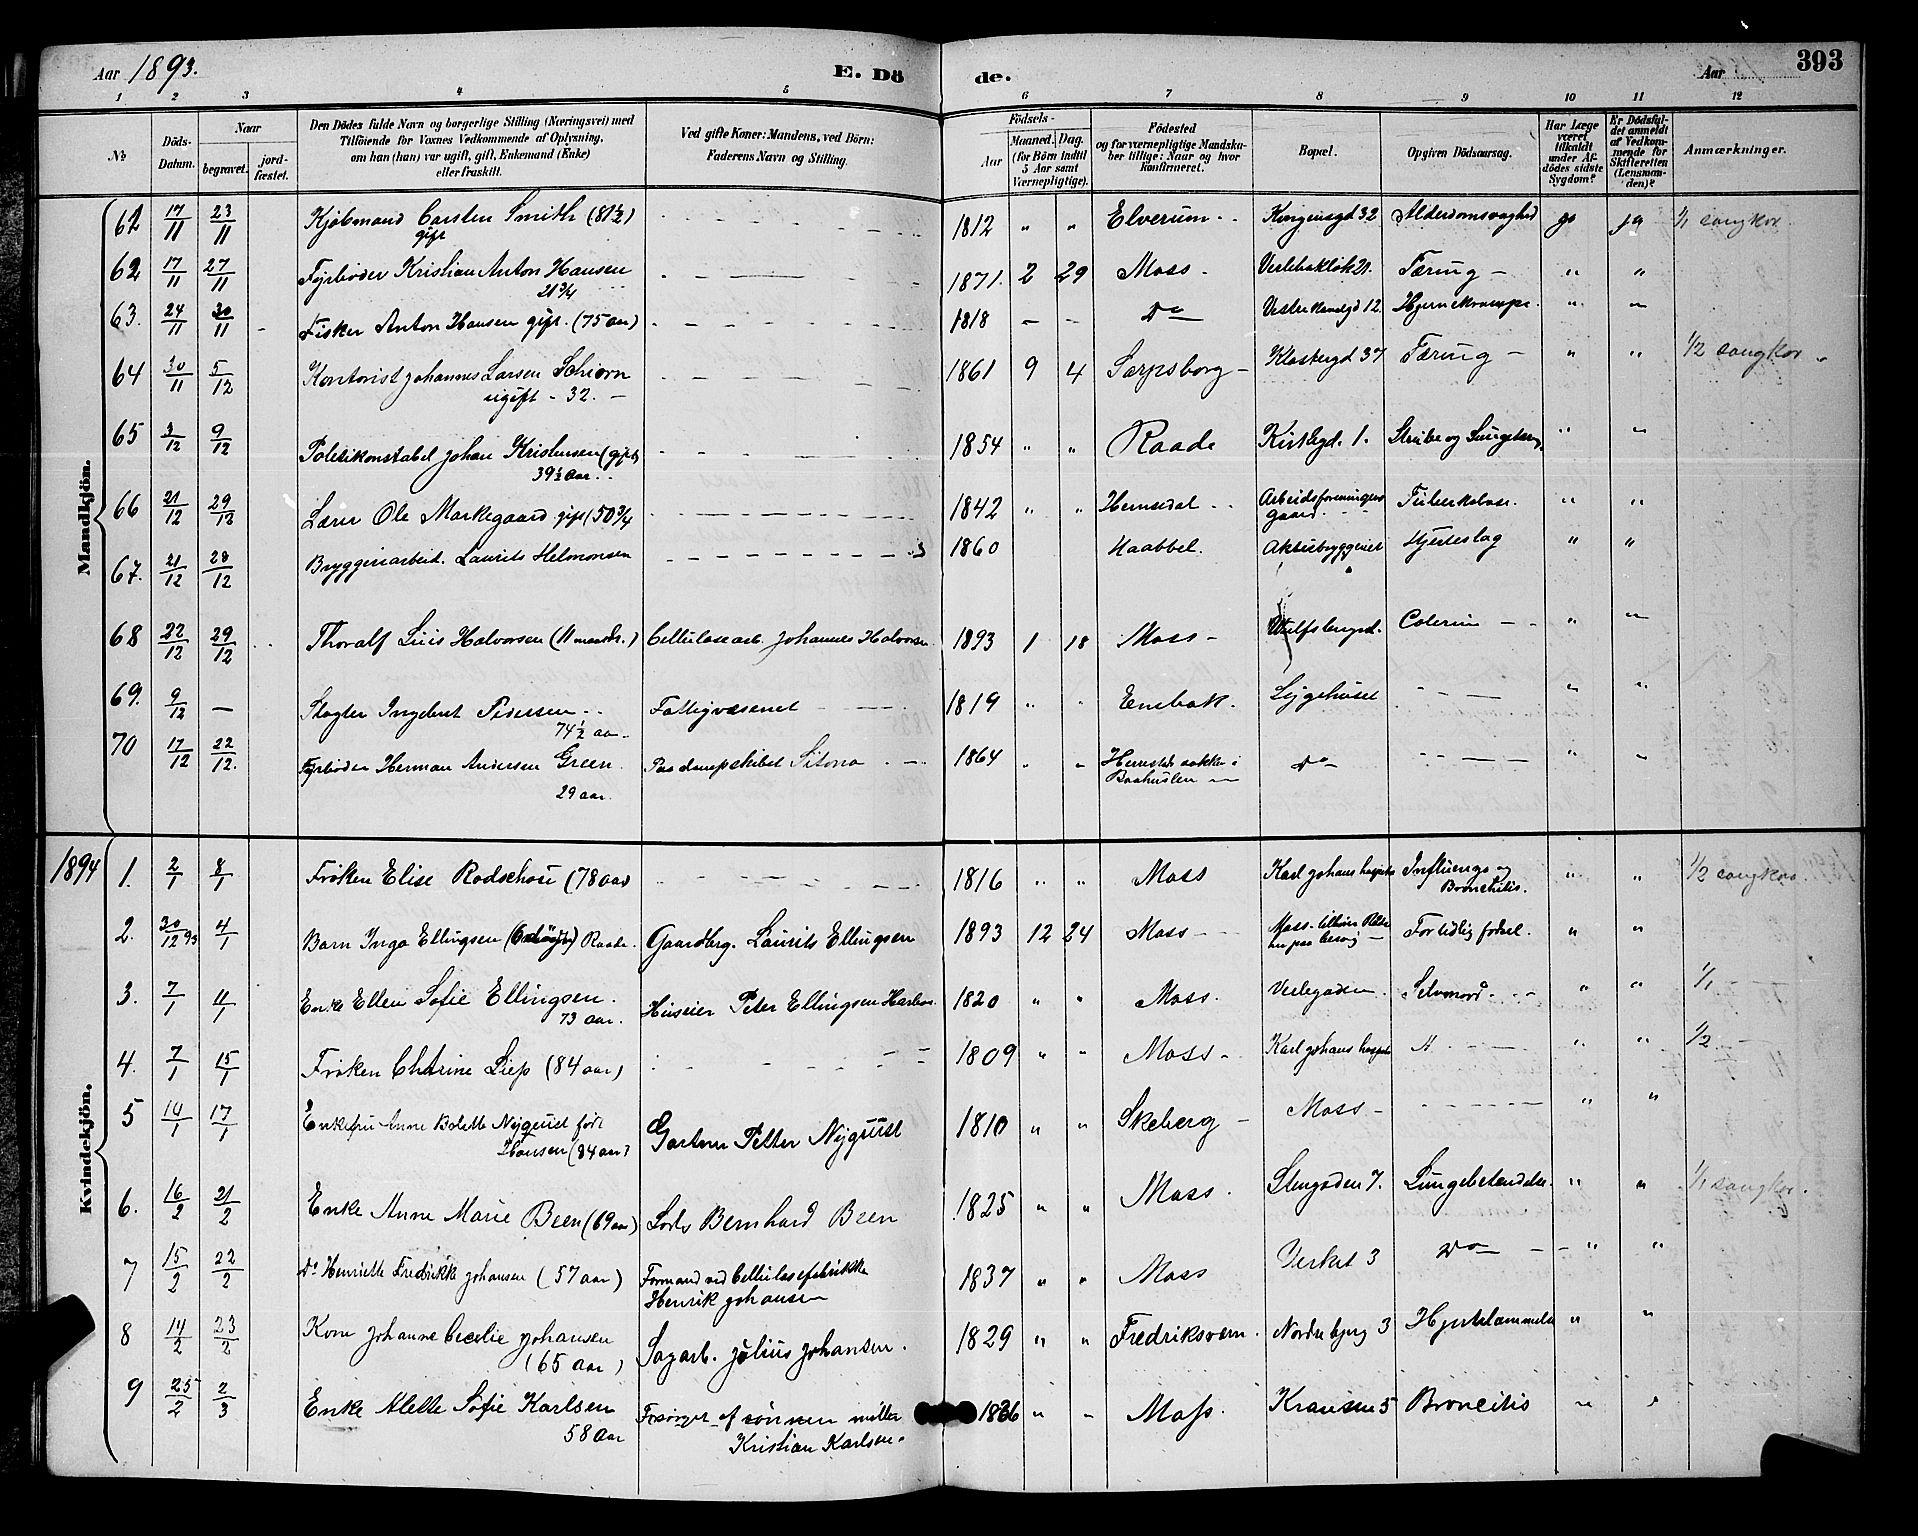 SAO, Moss prestekontor Kirkebøker, G/Ga/L0006: Klokkerbok nr. I 6, 1889-1900, s. 393